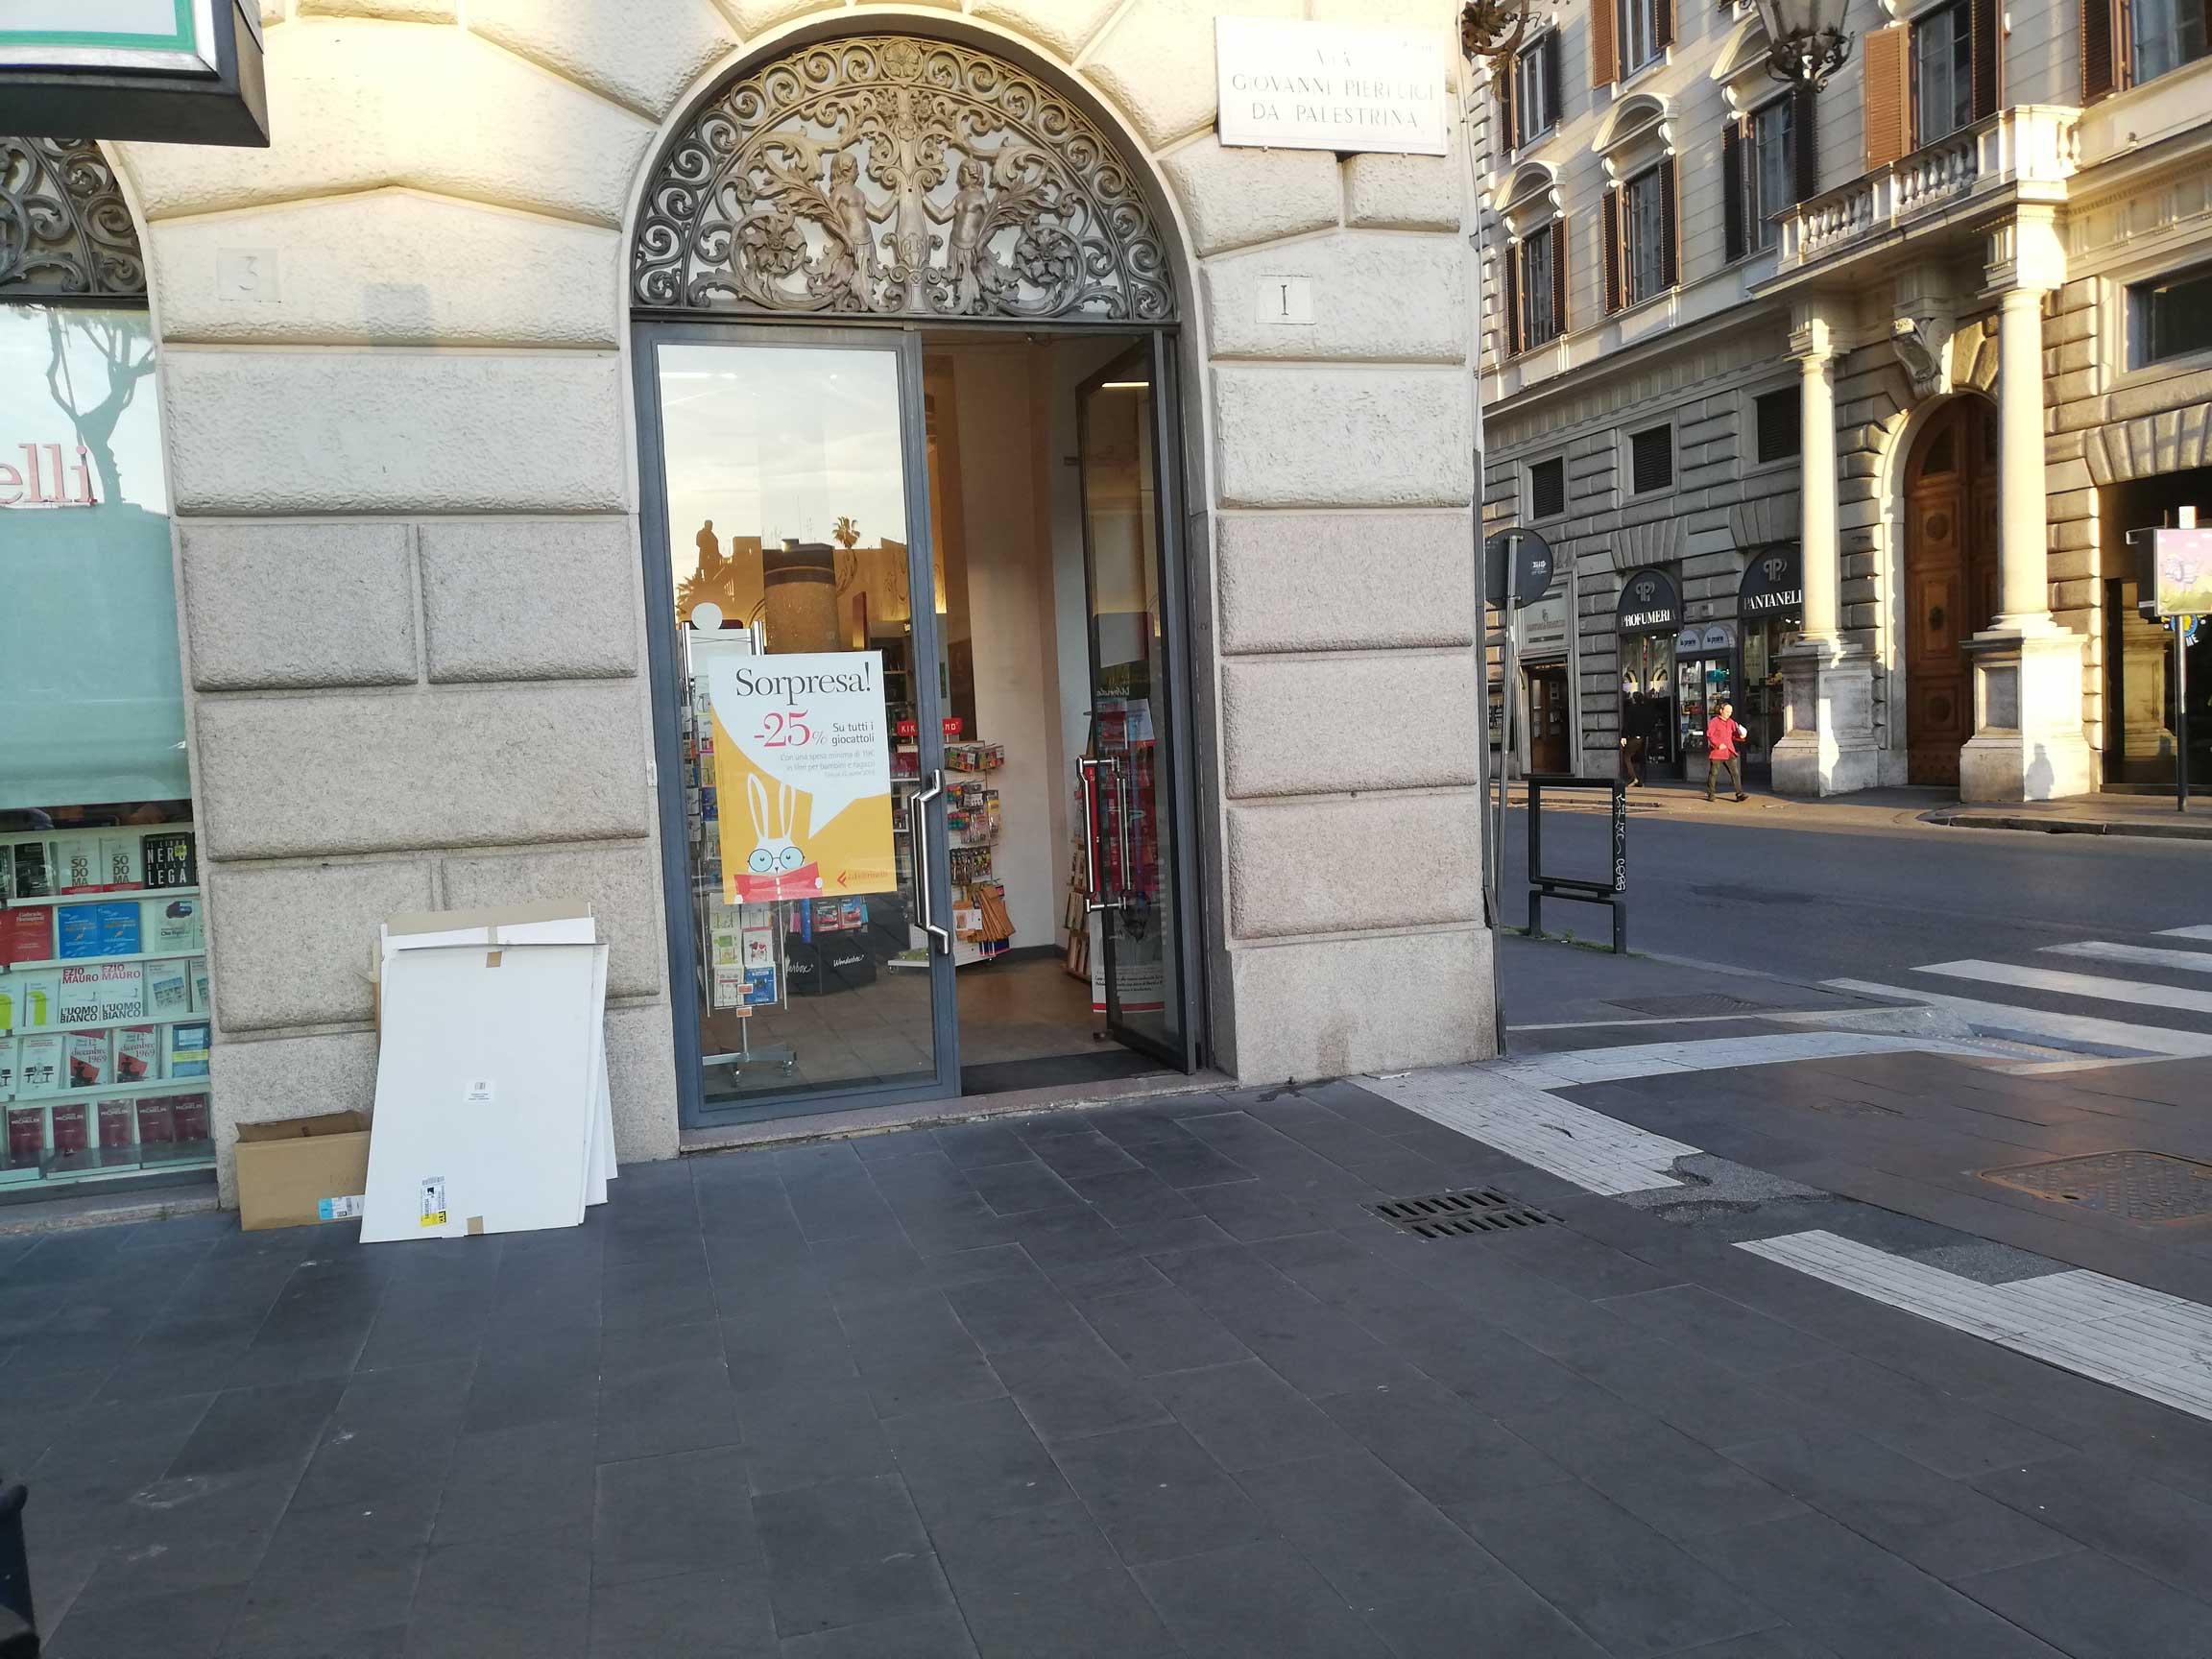 Libreria A Porta Di Roma riaprono le librerie, ecco i messaggi di speranza delle